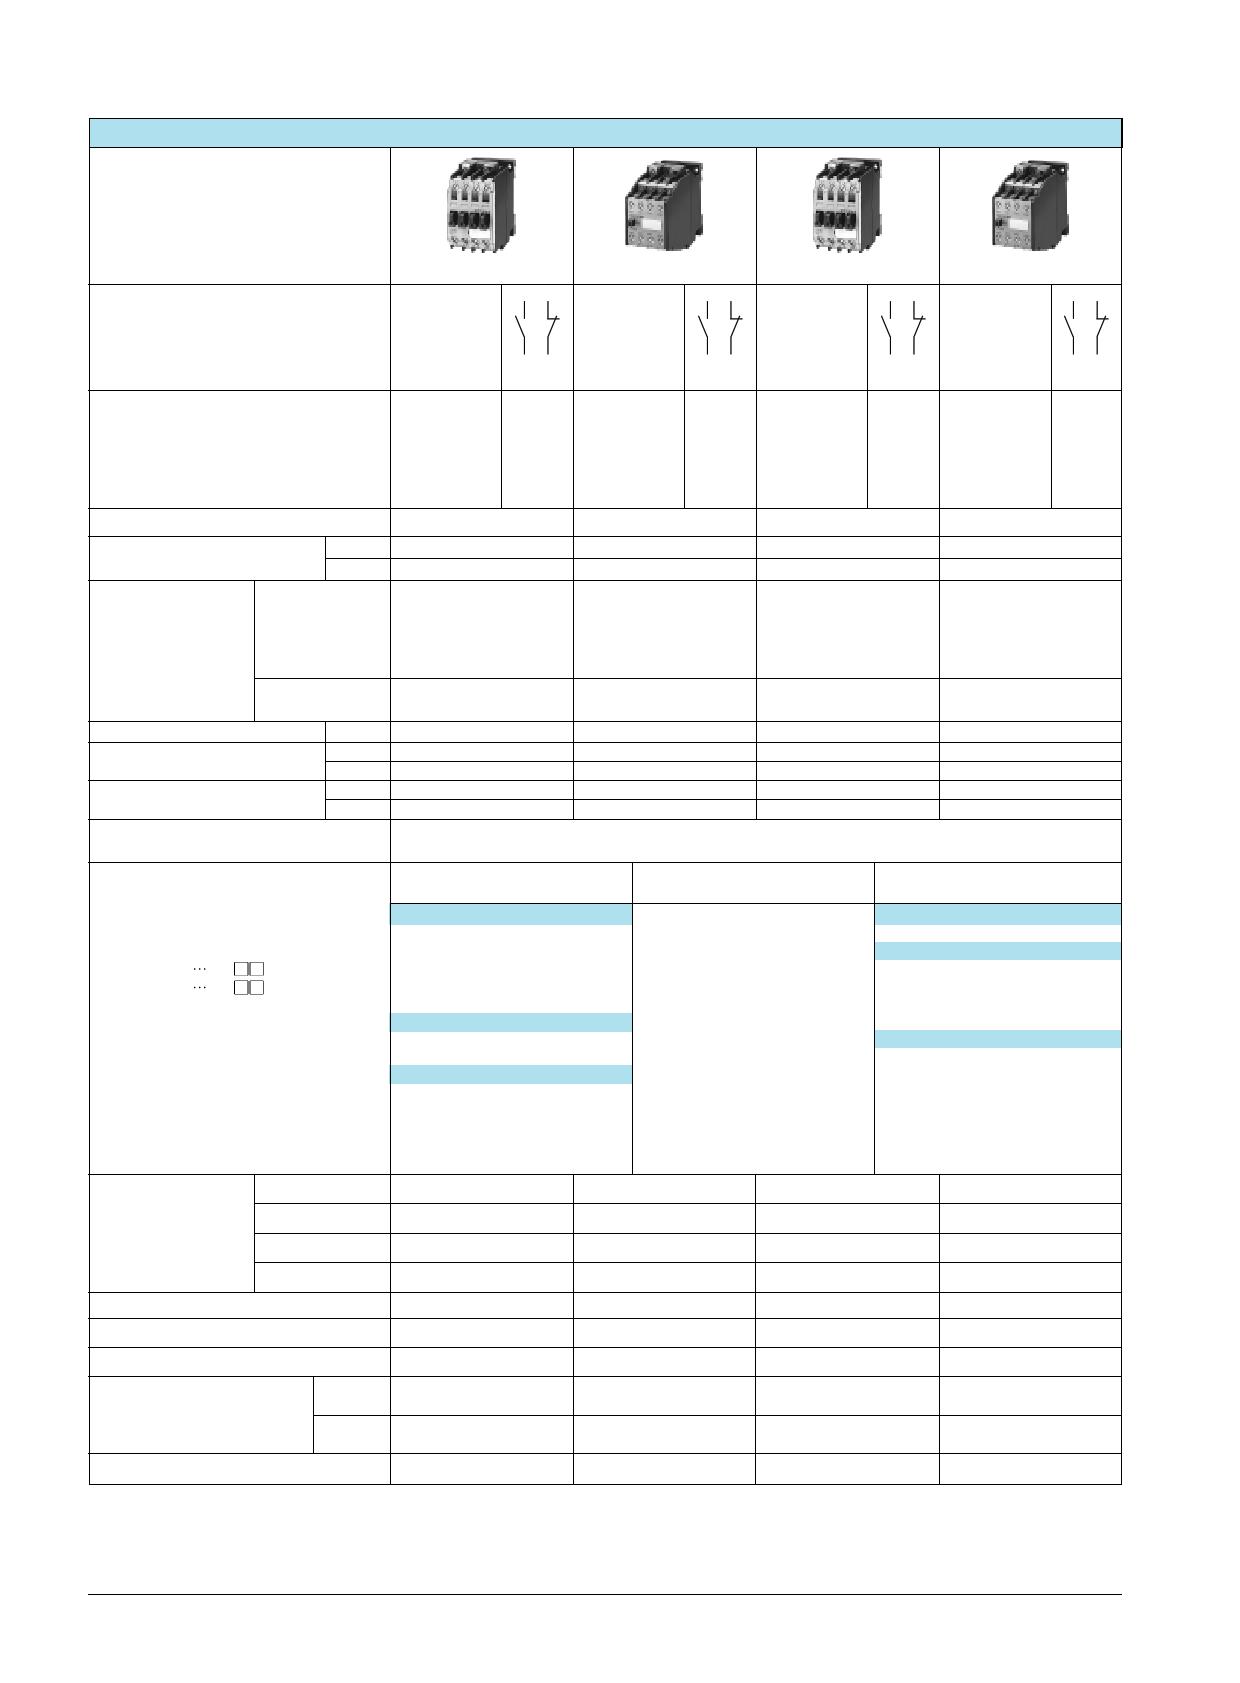 3TF35 Datenblatt PDF